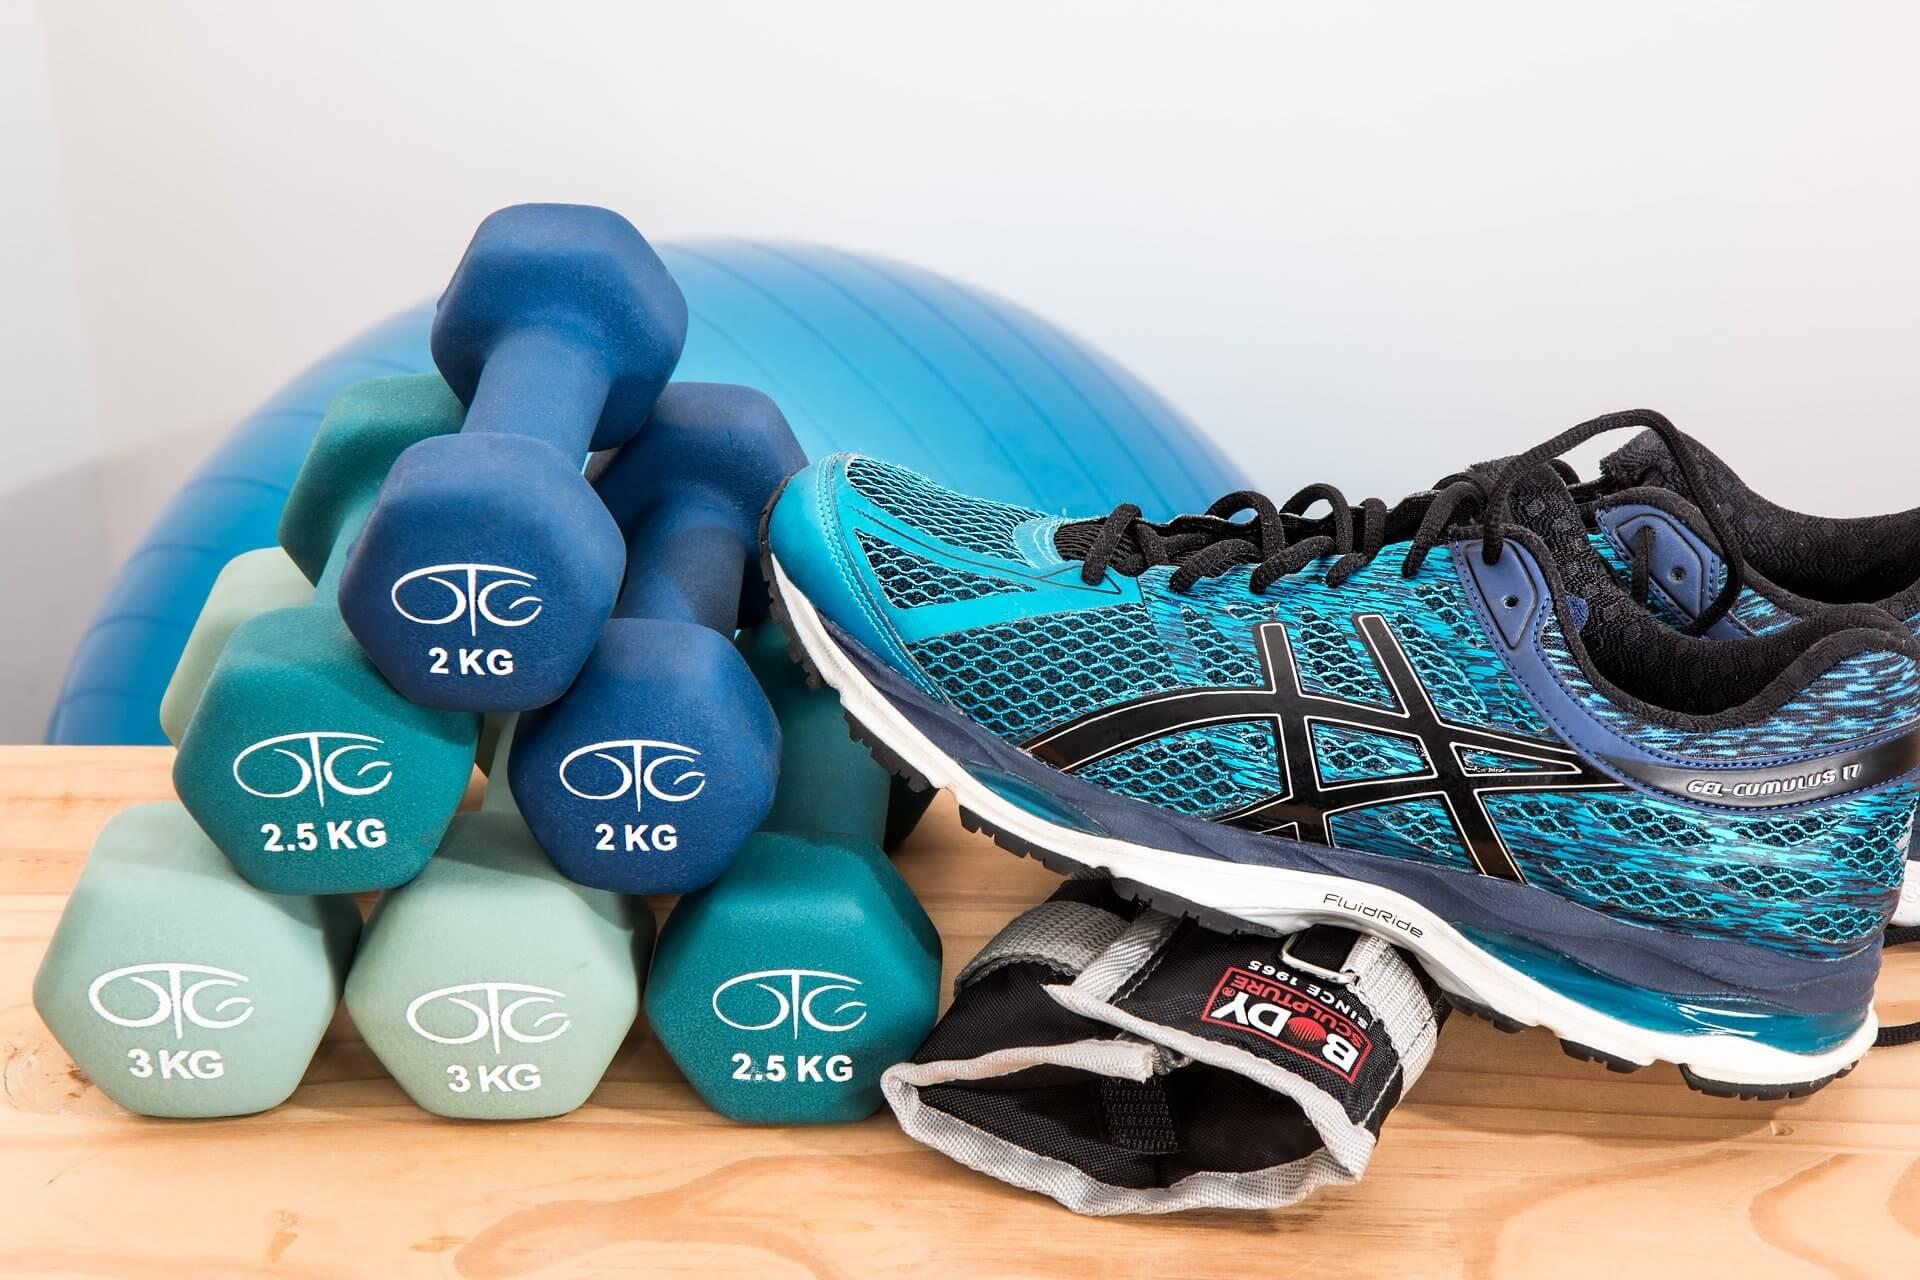 dieta, sport, bieganie, rower, zumba, fitness, dieta, zbędne kalorie, aktywny wypoczynek, zdrowie, sylwetka, piękna figura, narty, jazda na nartach, odchudzanie